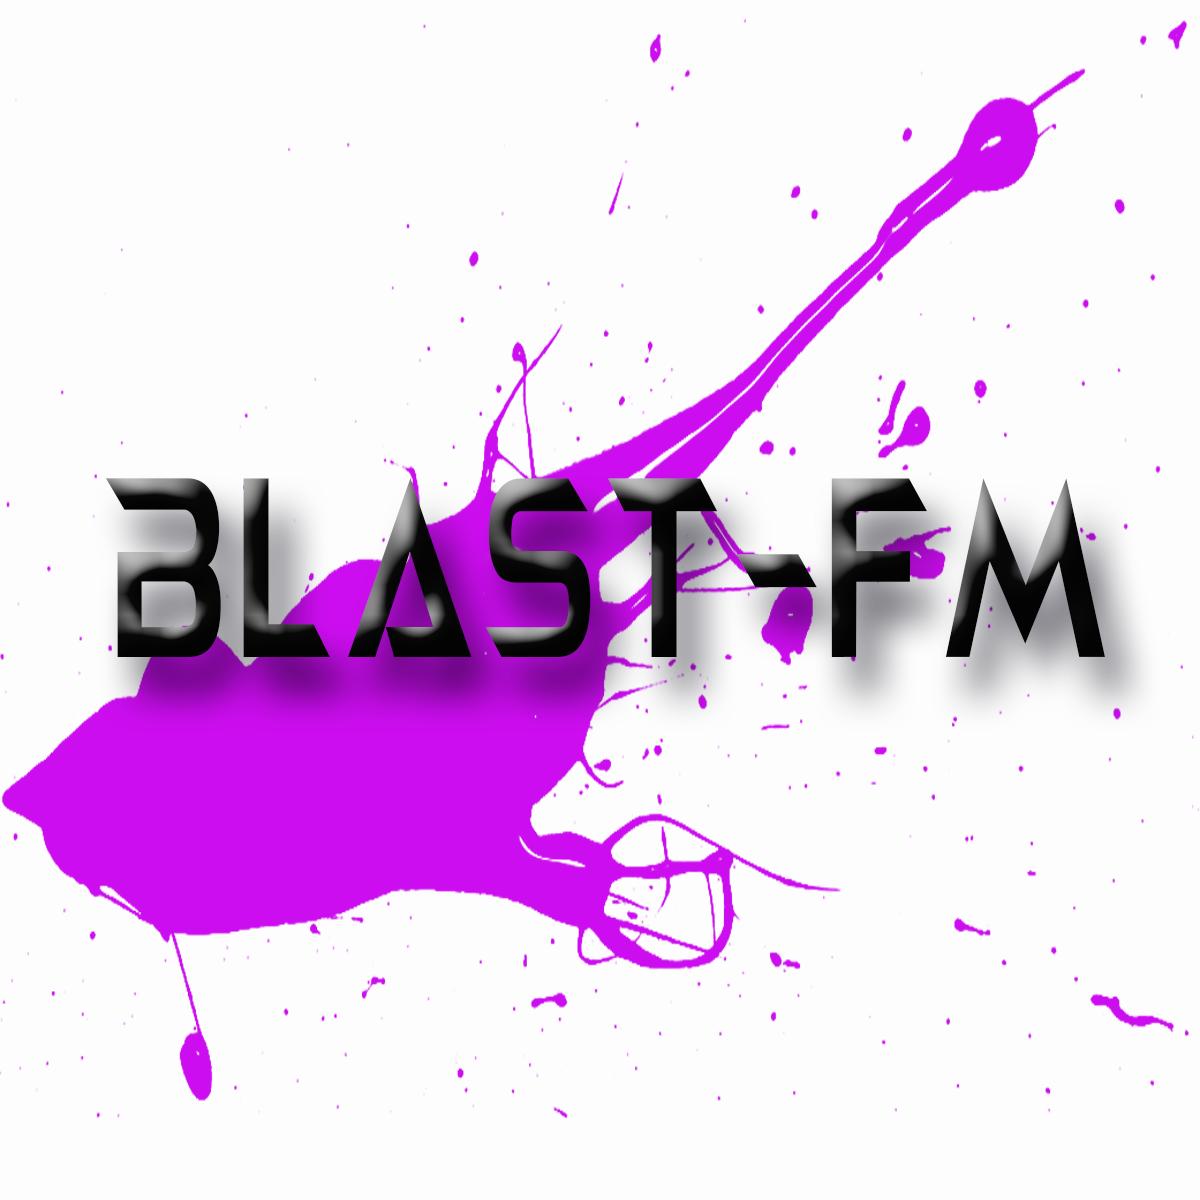 BlastFMRadio's Music Profile | Last.fm